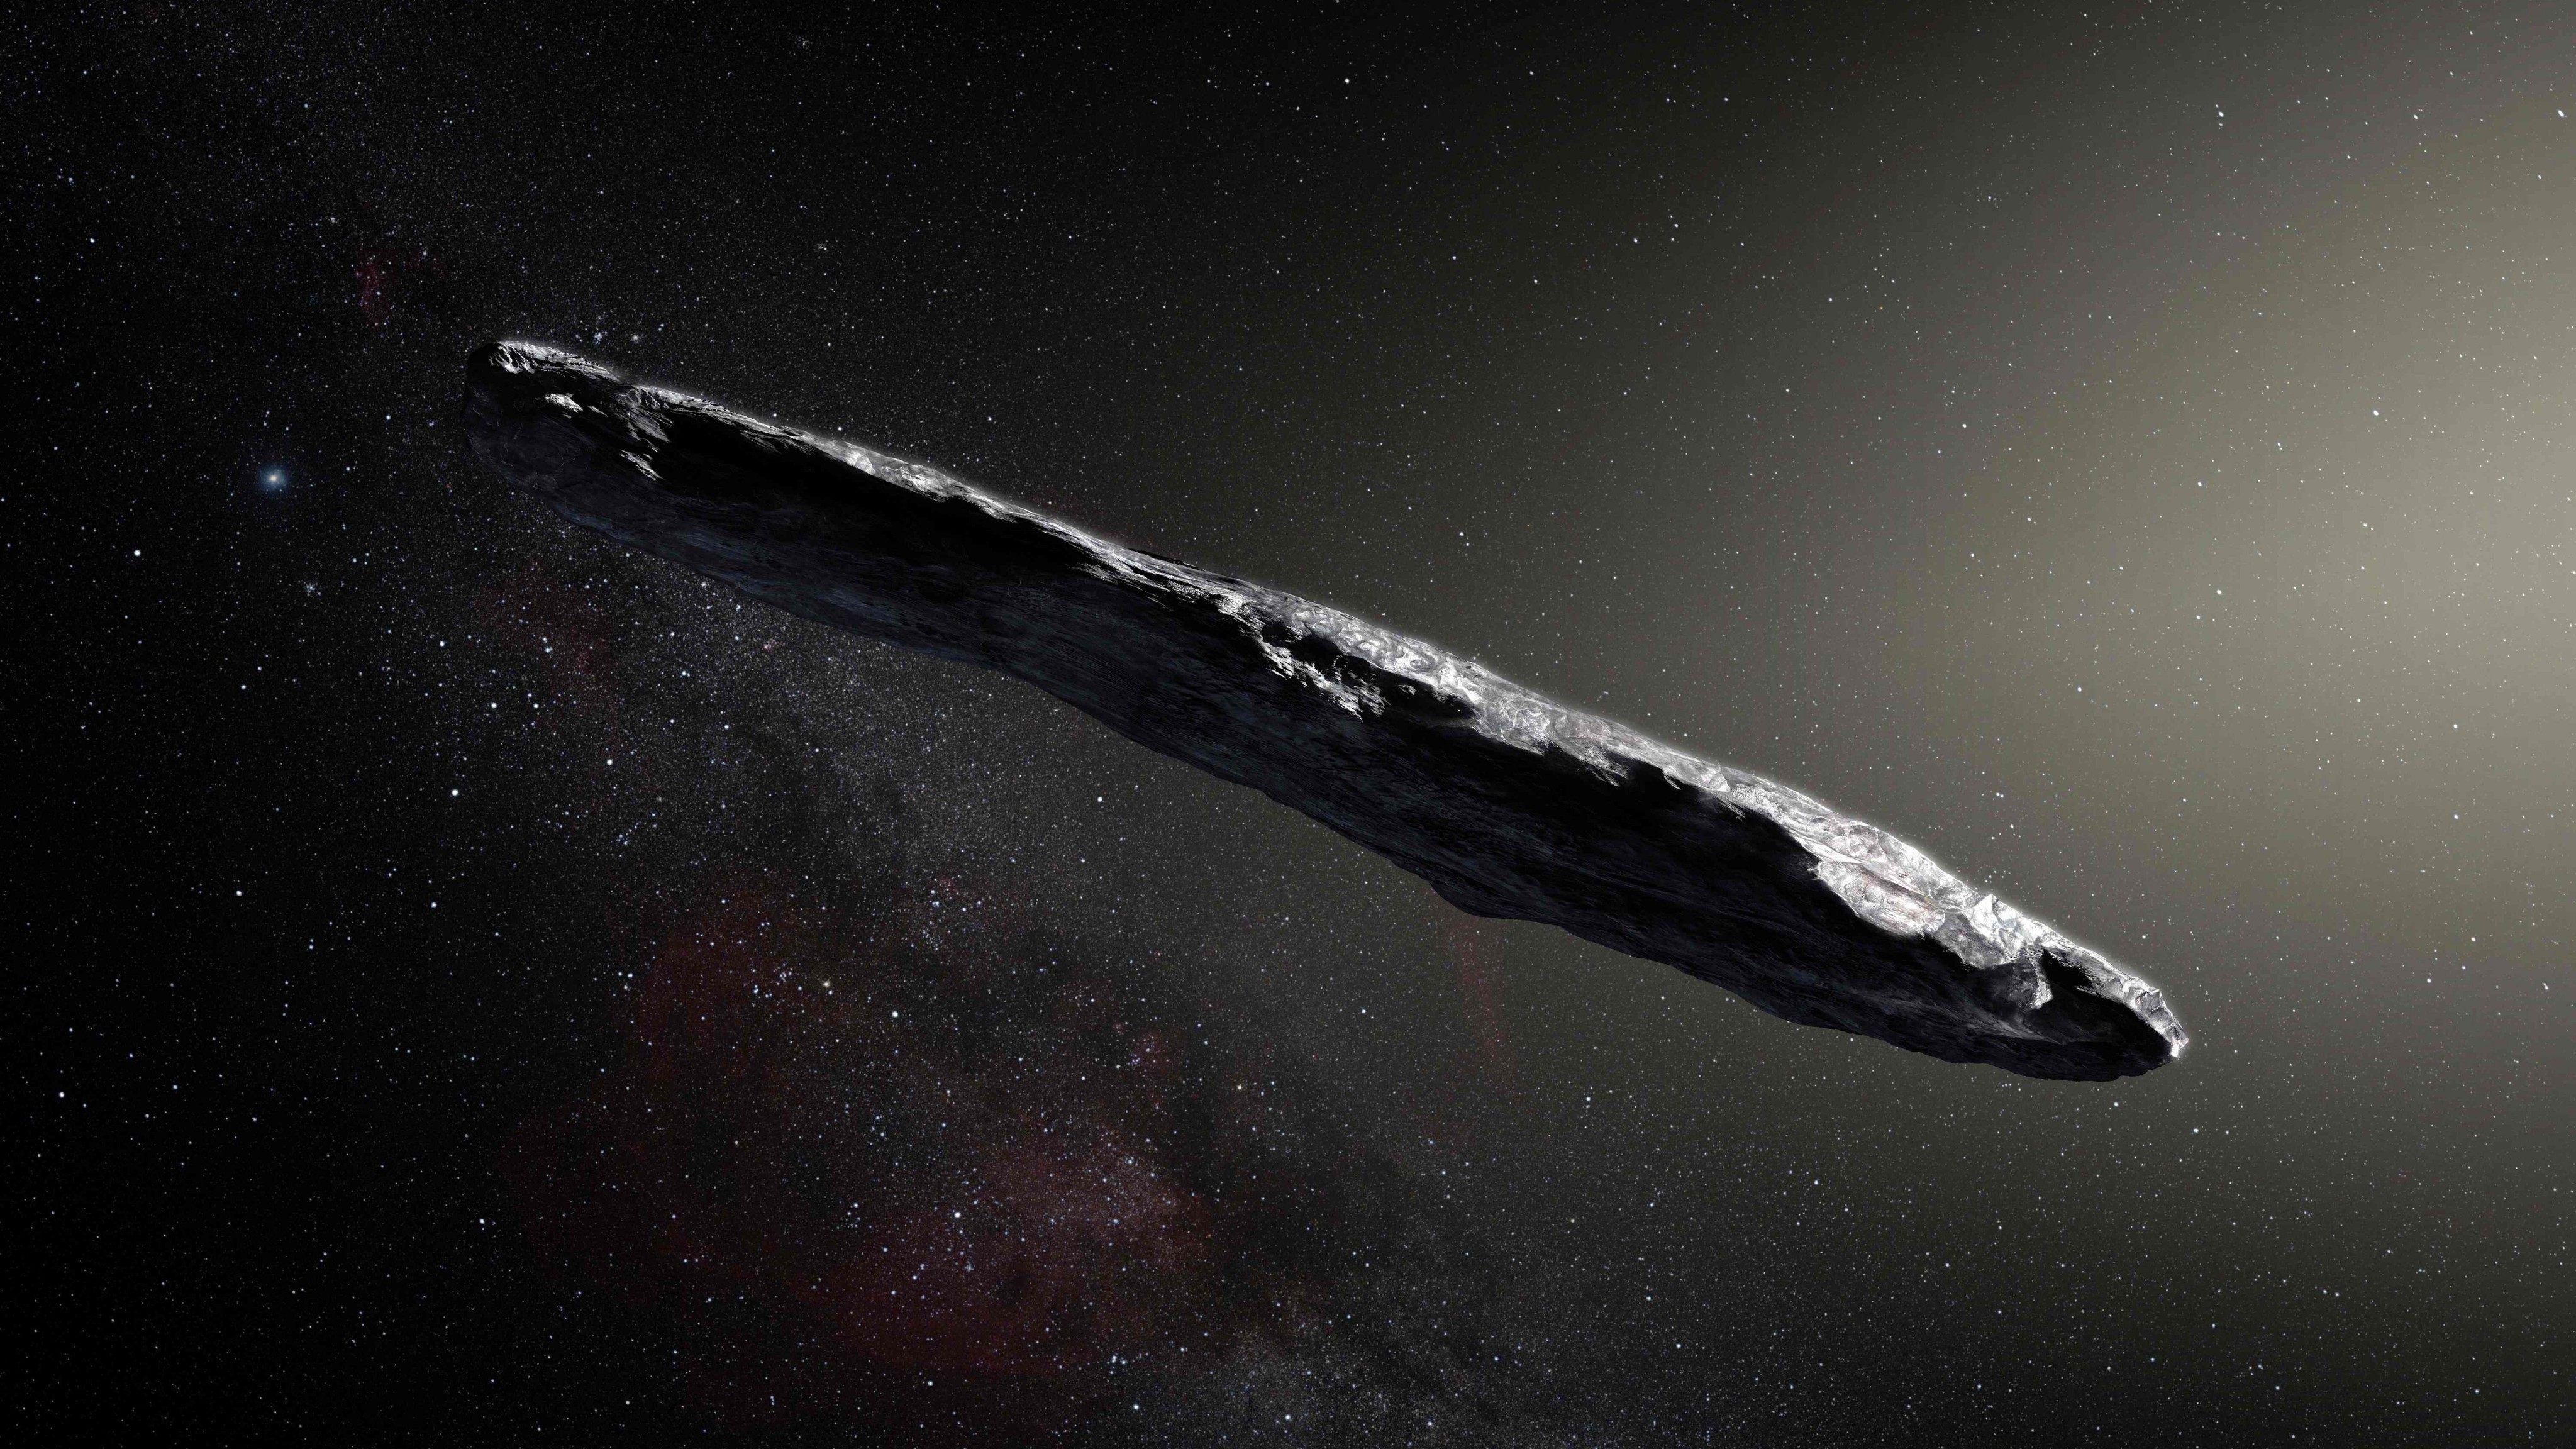 El asteroide interestelar tiene una capa aislante